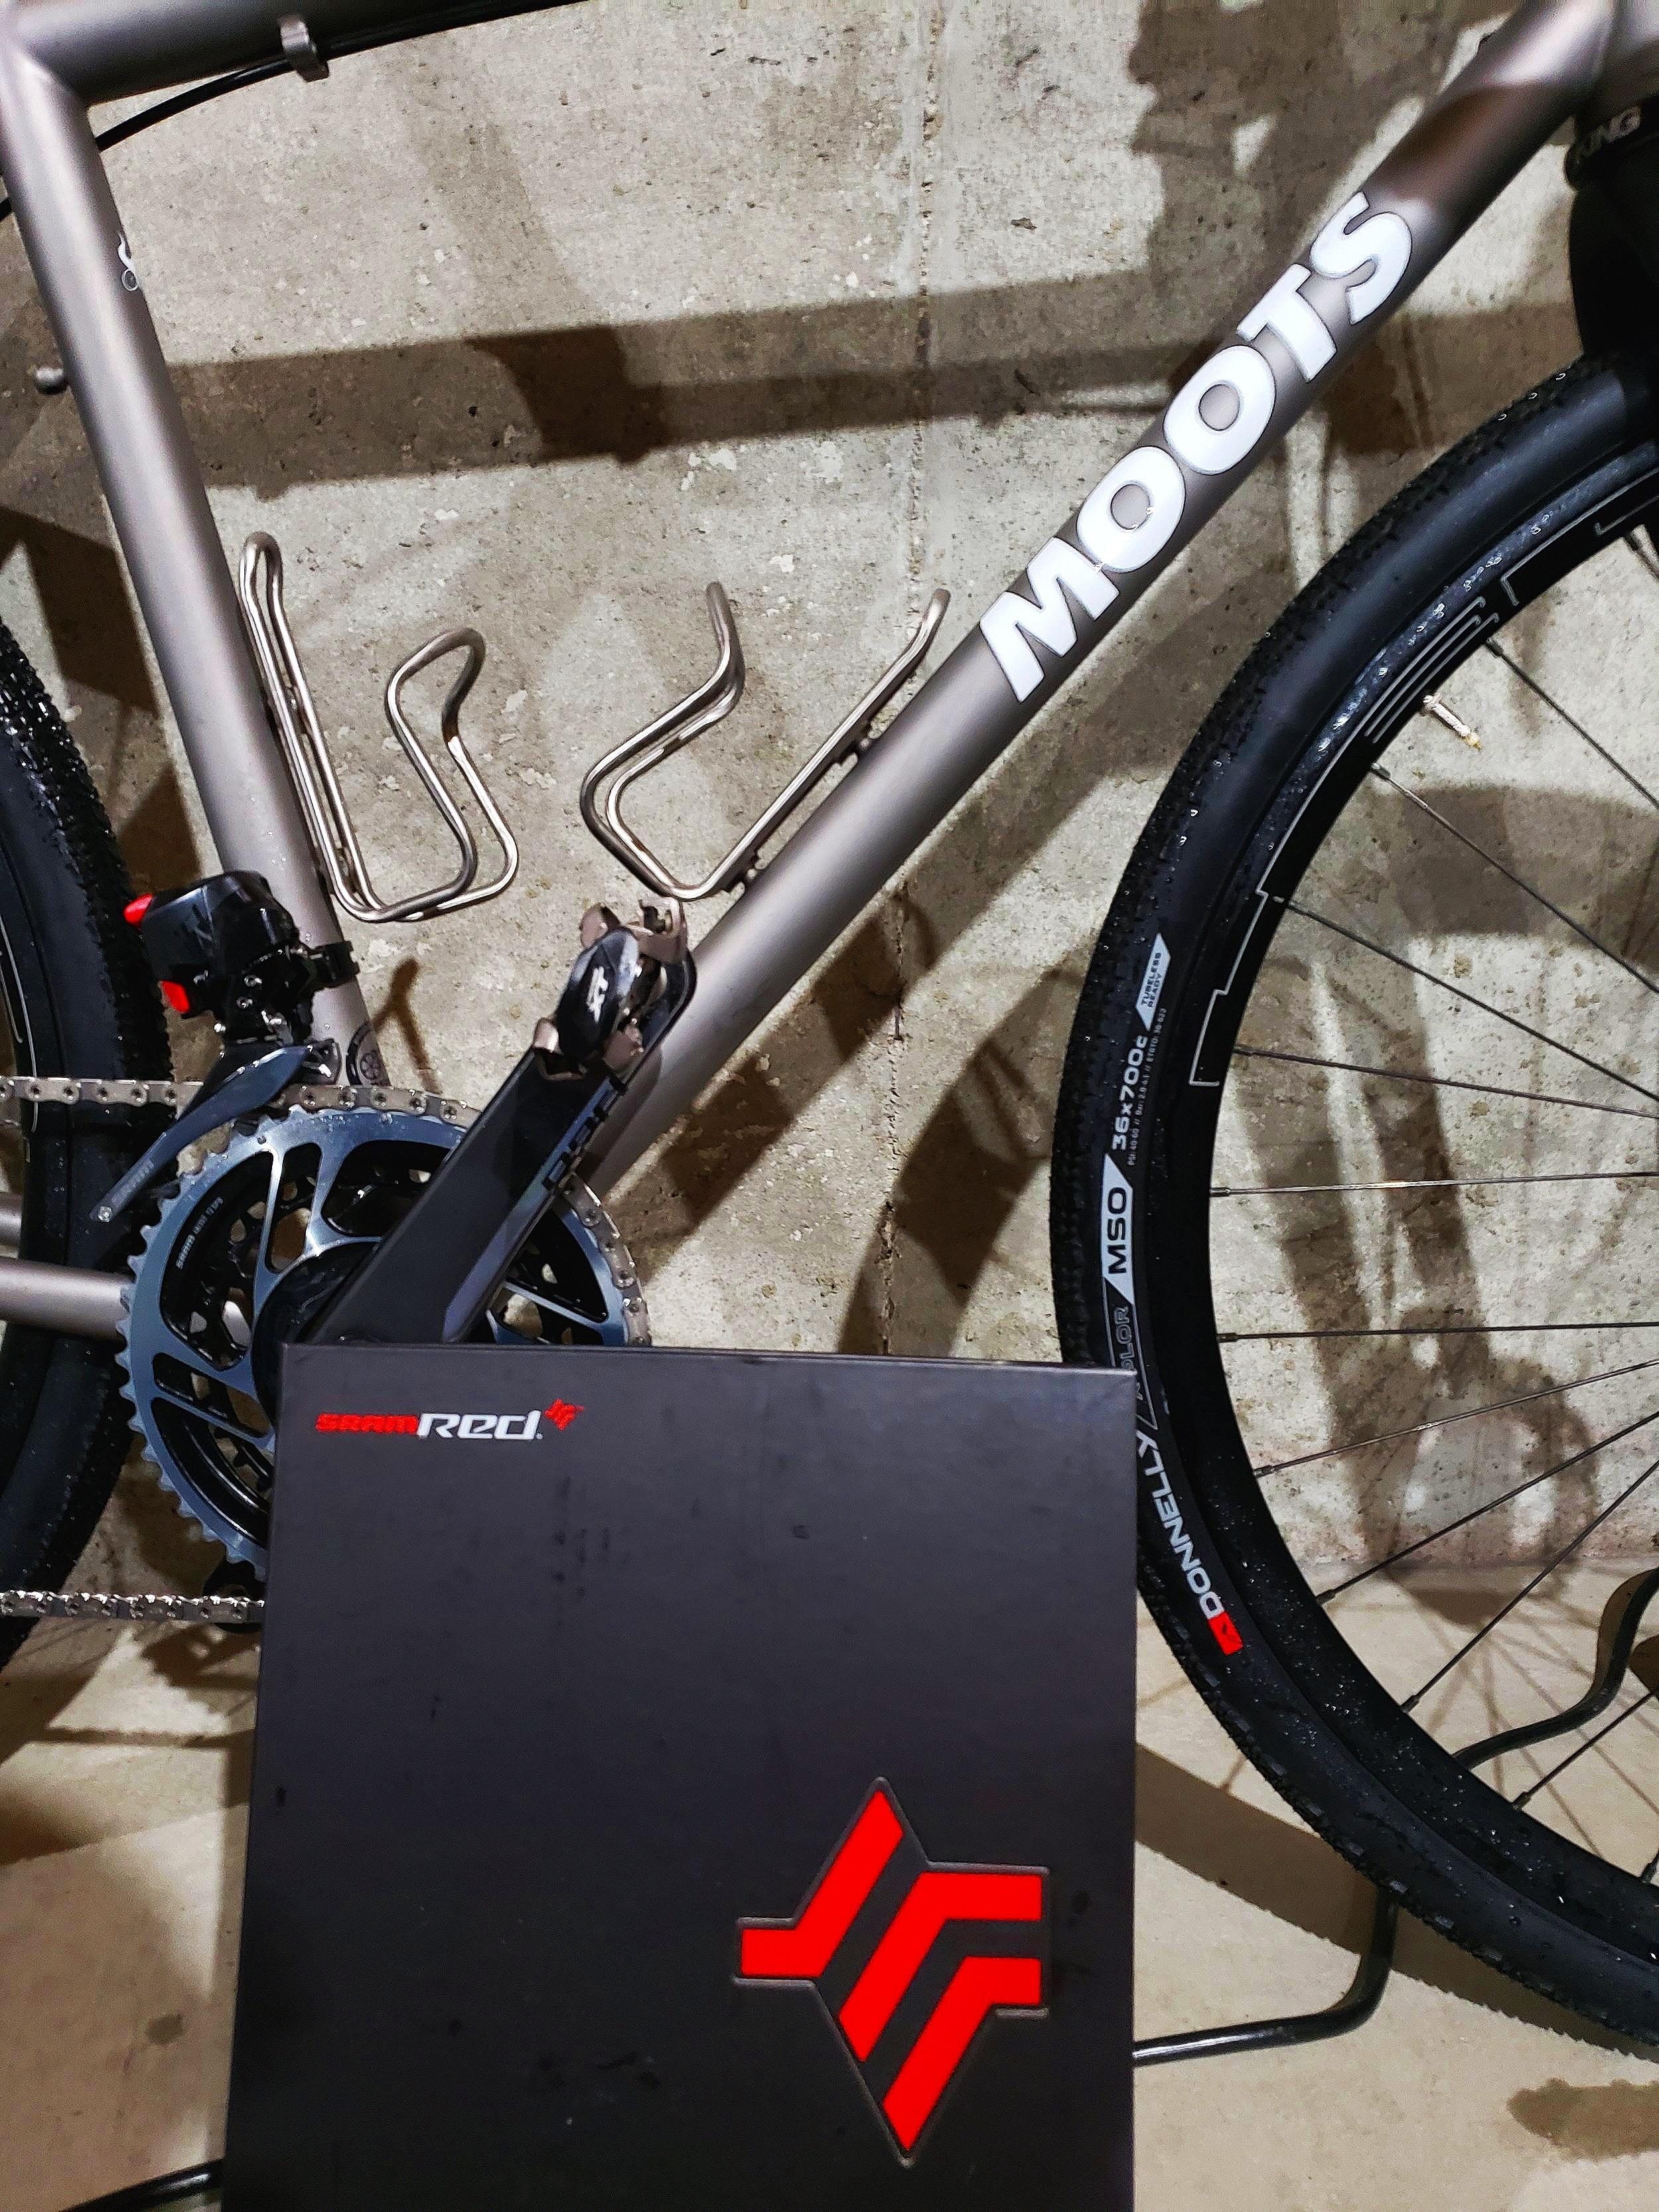 Bike+and+AXS+Box.jpg